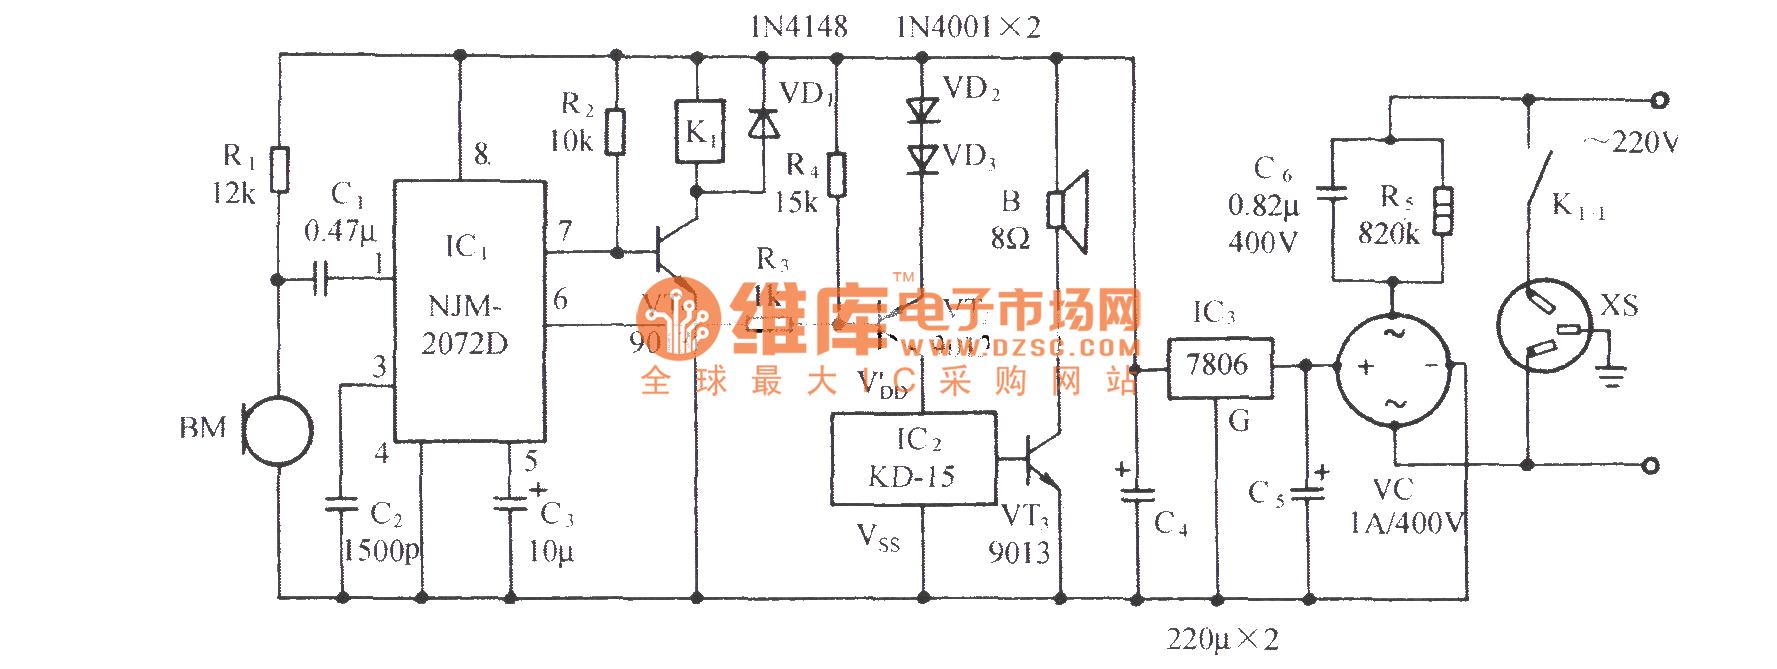 voice control music outlet circuit 1 using njm2072d - control circuit - circuit diagram